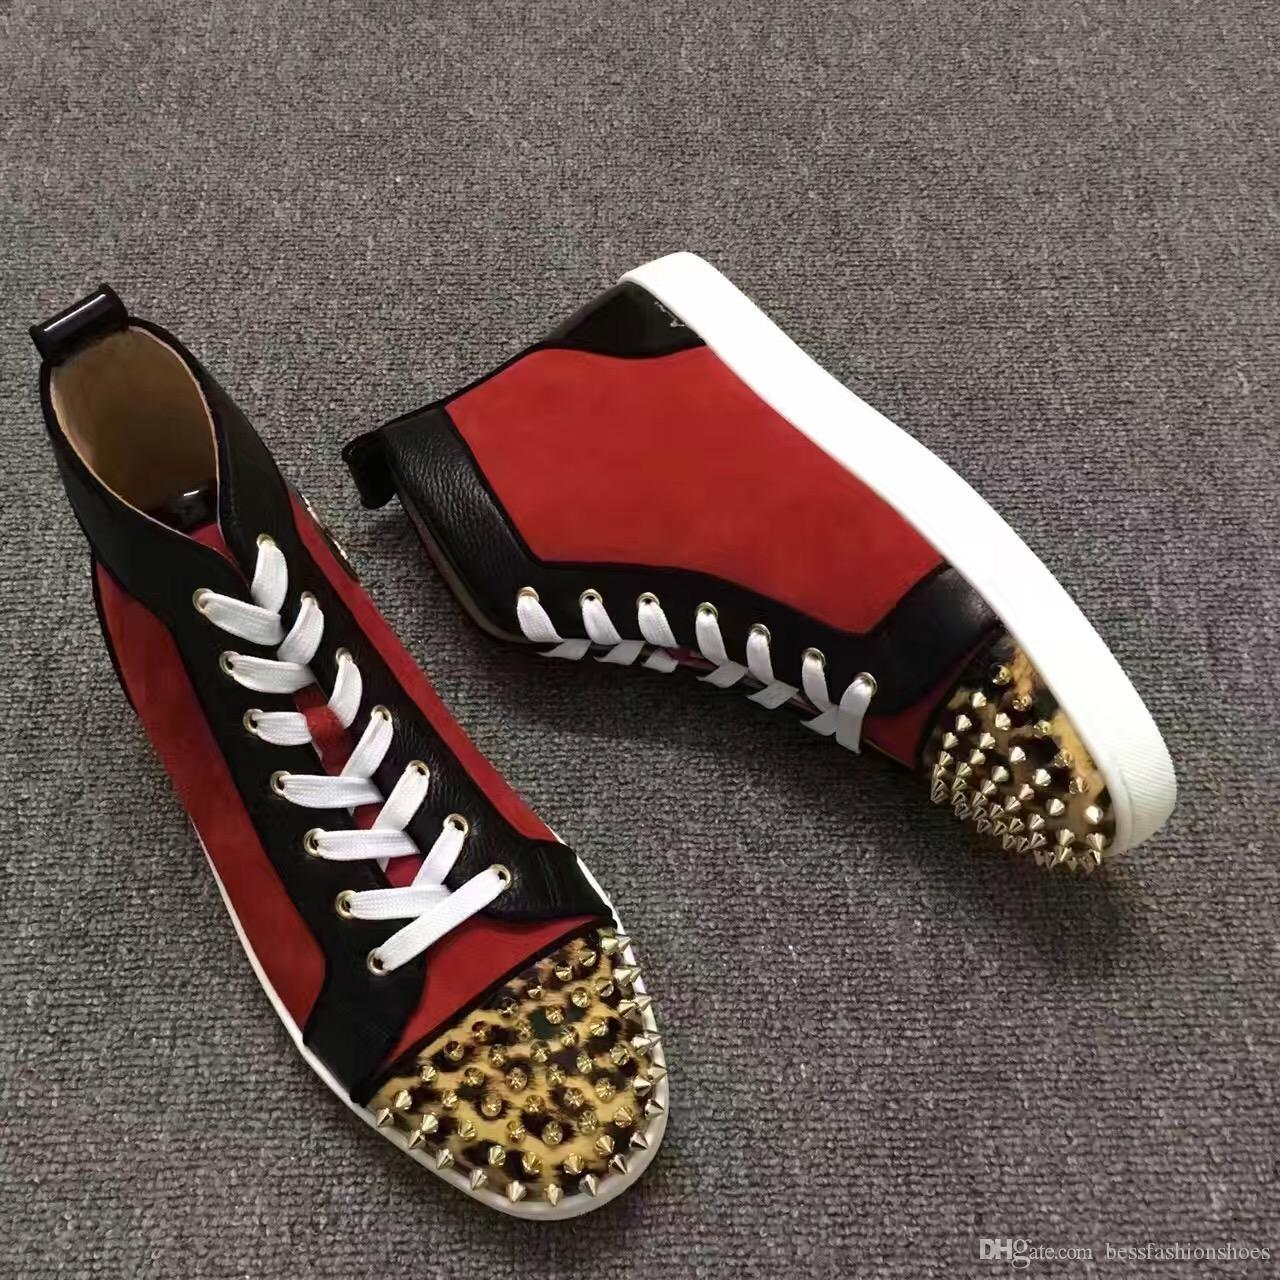 Мужчины женщины шипы toe случайные кроссовки зашнуровать квартиры красное дно кроссовки сапоги Женские унисекс Высокий Верх случайные спортивные кроссовки обувь размер 35-46